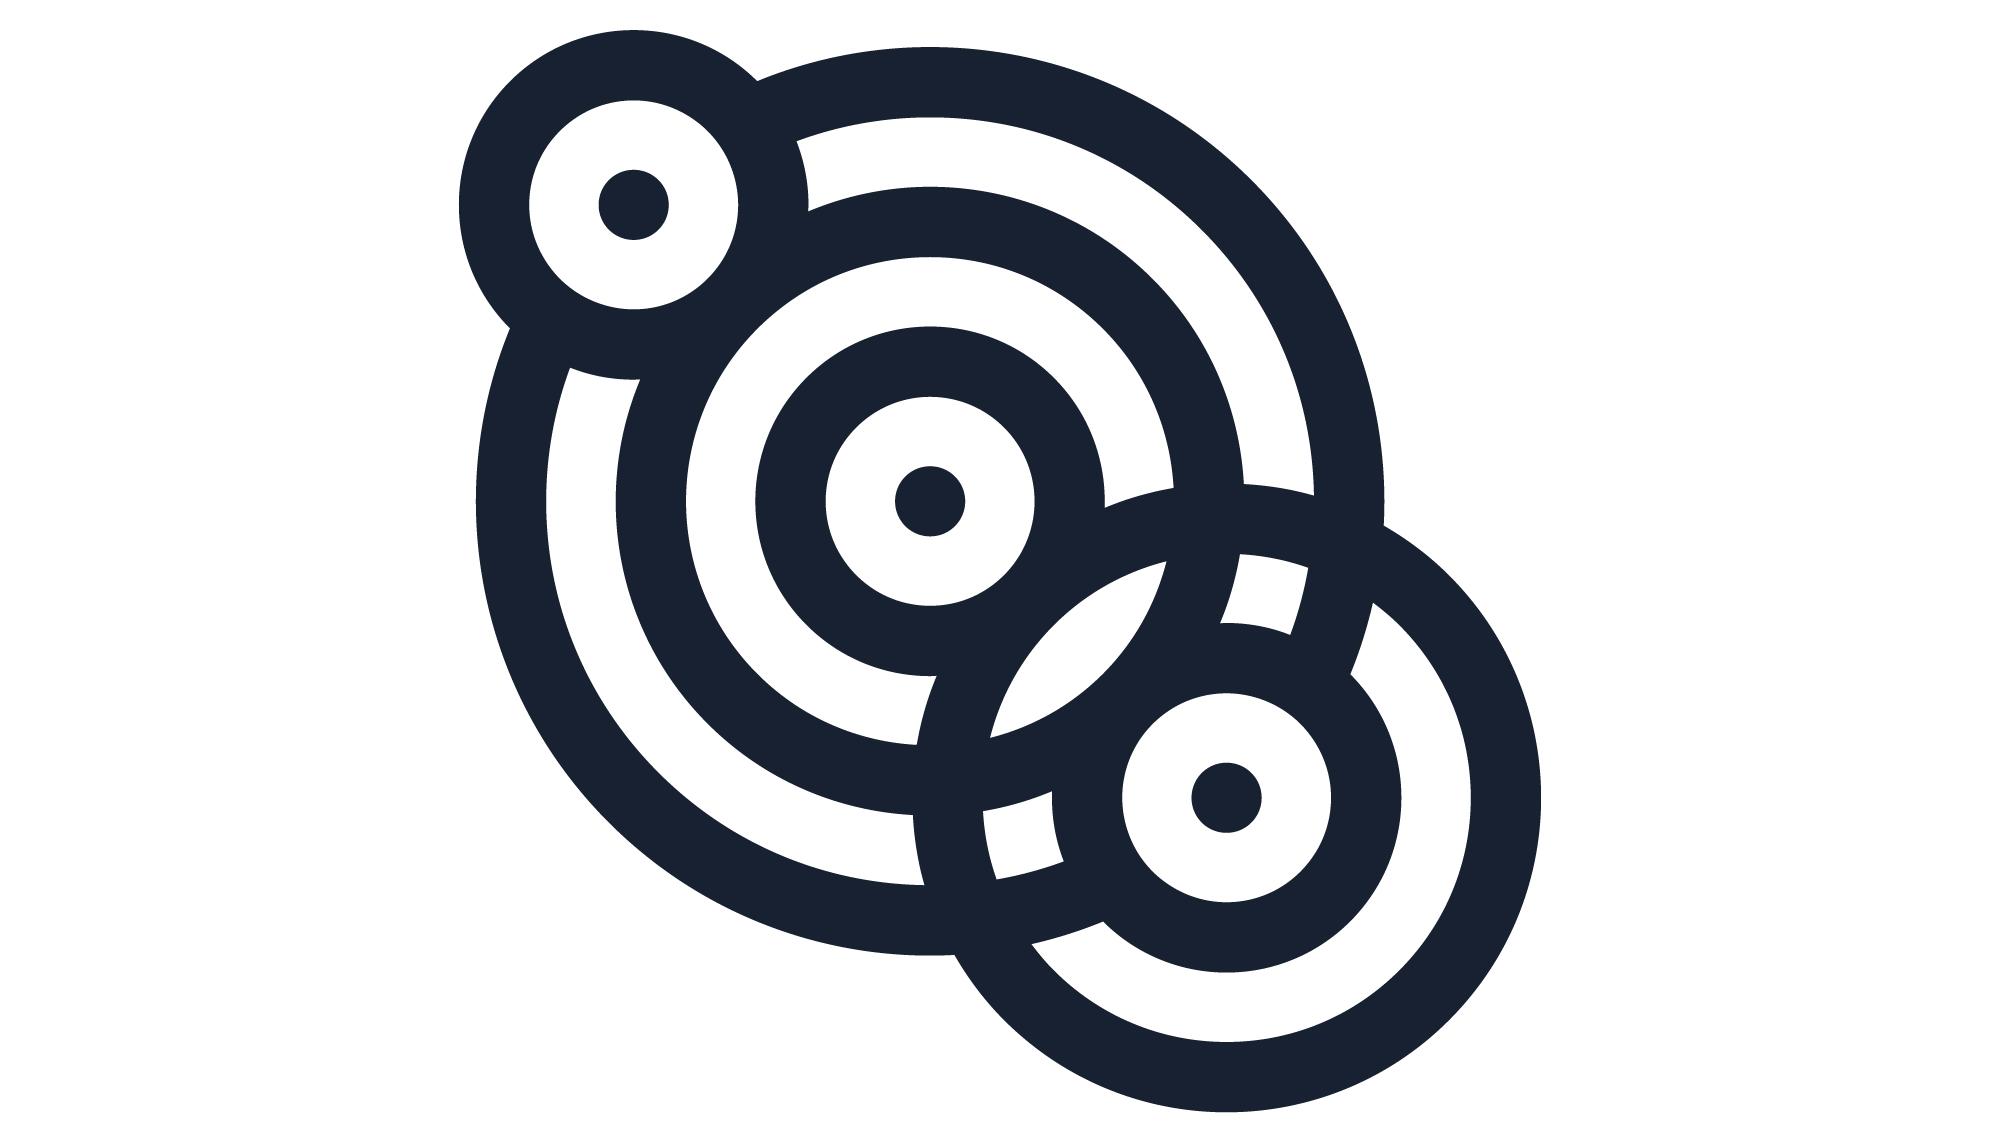 Orbit Infographic logo